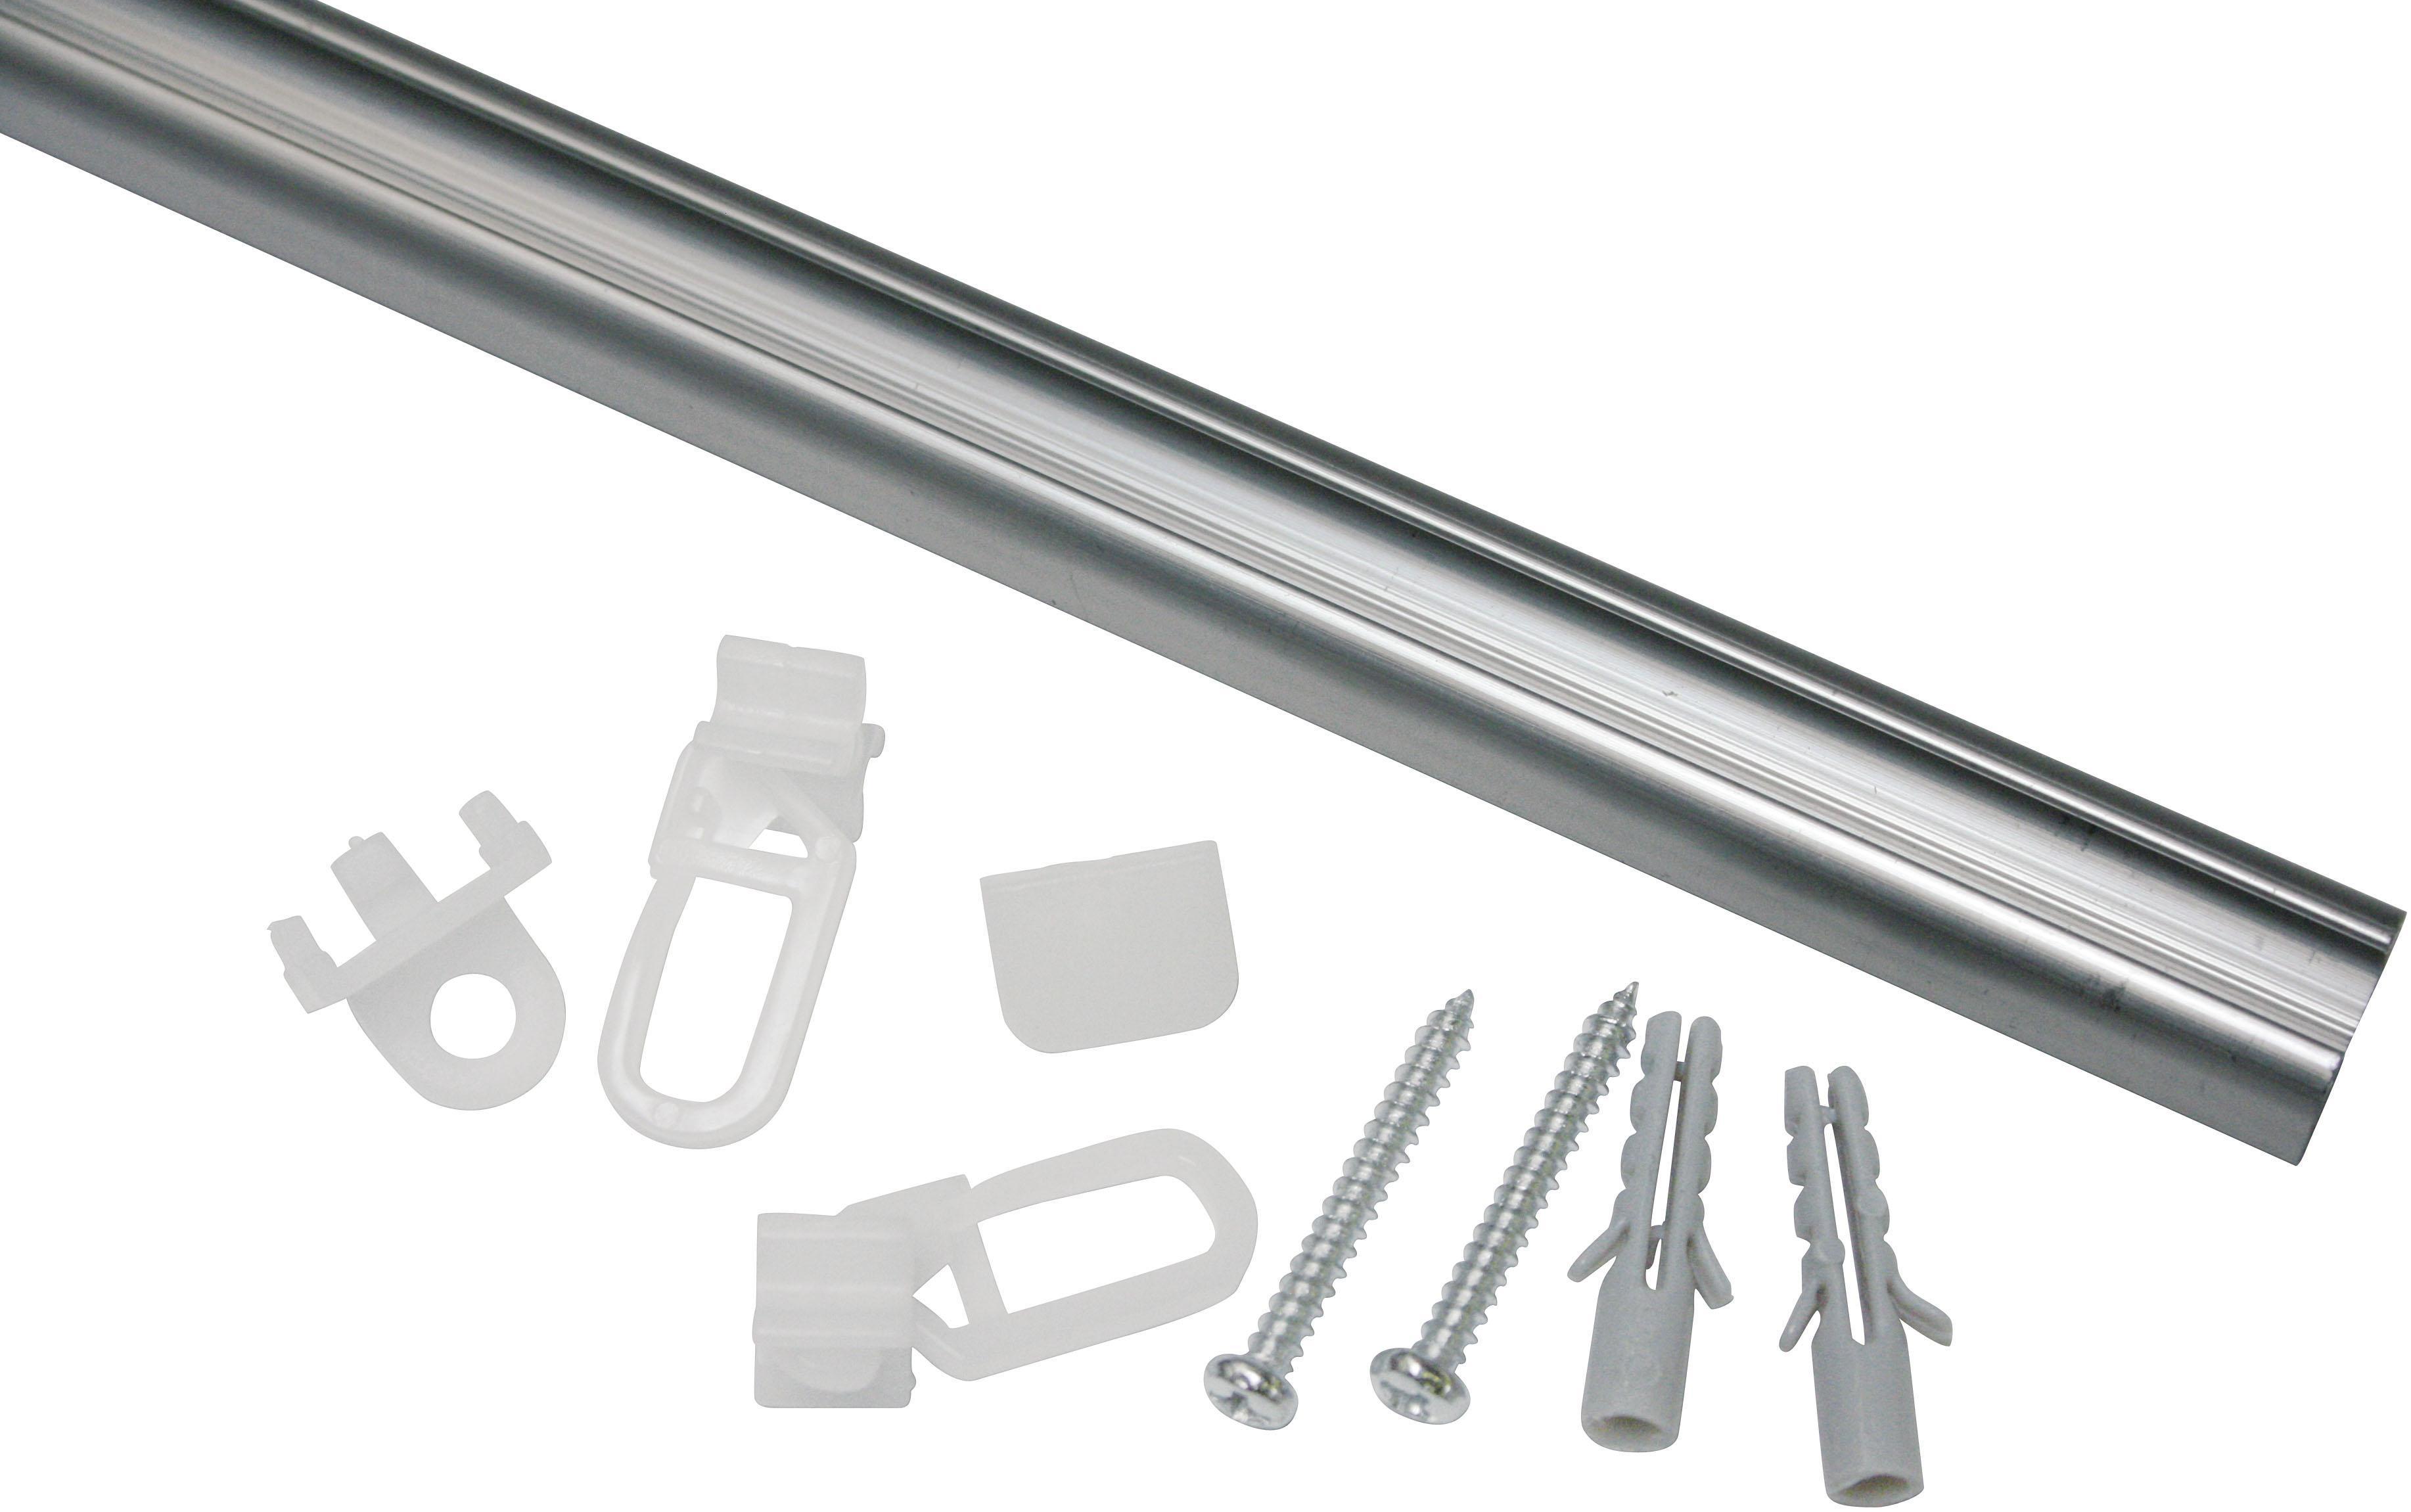 GARDINIA Gardinenschiene Aluminiumschiene, Serie Aluminiumschiene Ø 13 mm grau Gardinenschienen Gardinen Vorhänge